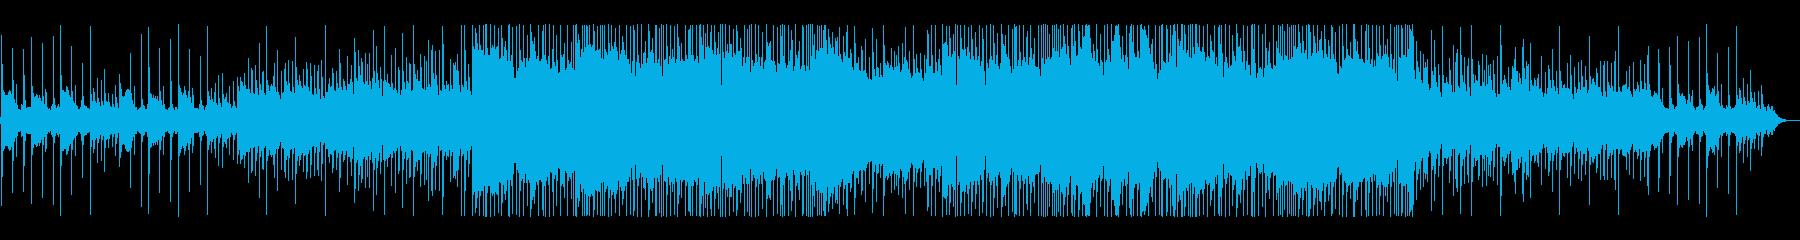 虫の声と切ないピアノのヒップホップ#02の再生済みの波形